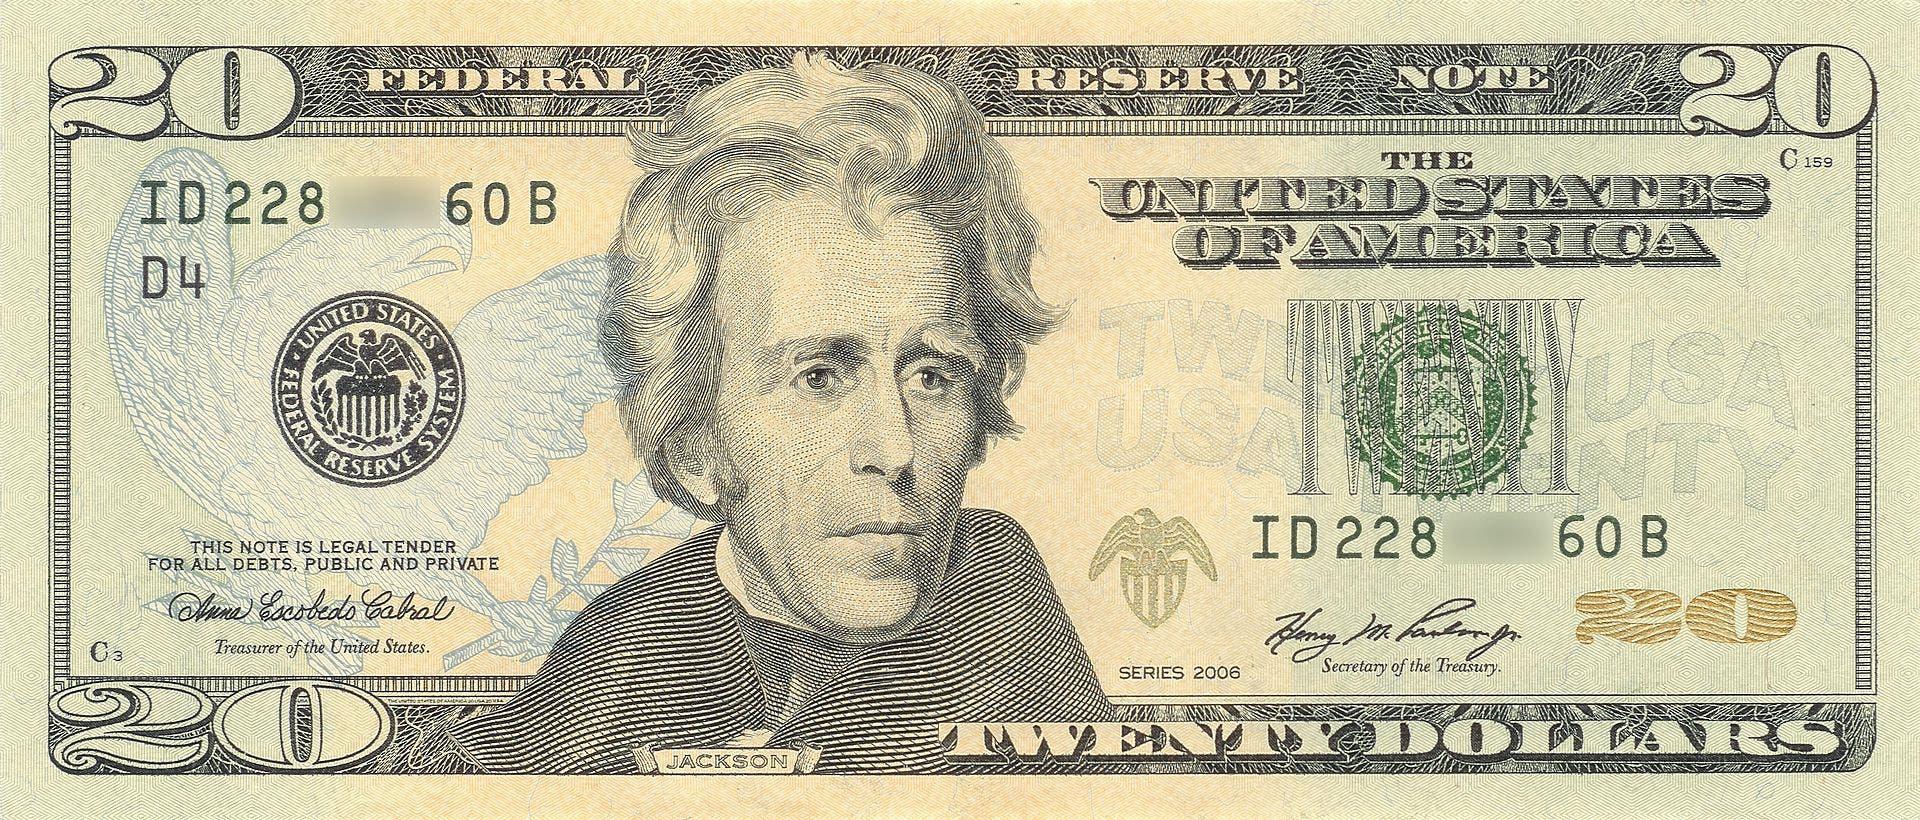 ورقة نقدية بقيمة 20 دولارا عليها صورة الرئيس أندرو جاكسون